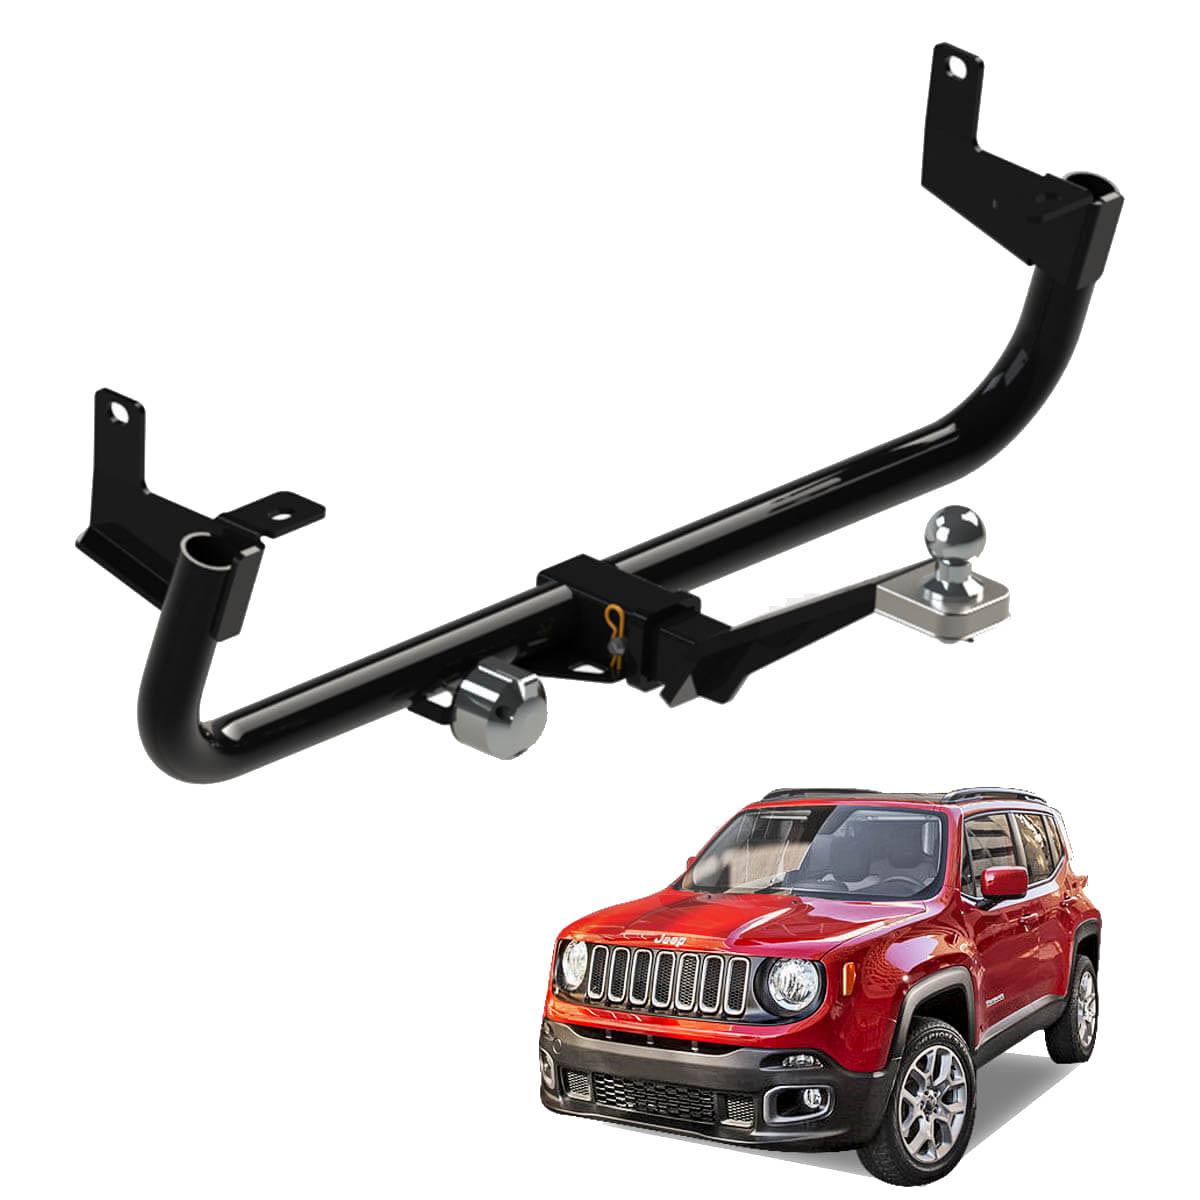 Engate de reboque Jeep Renegade 2016 a 2018 4x2 ou 4x4 removível 700 kg